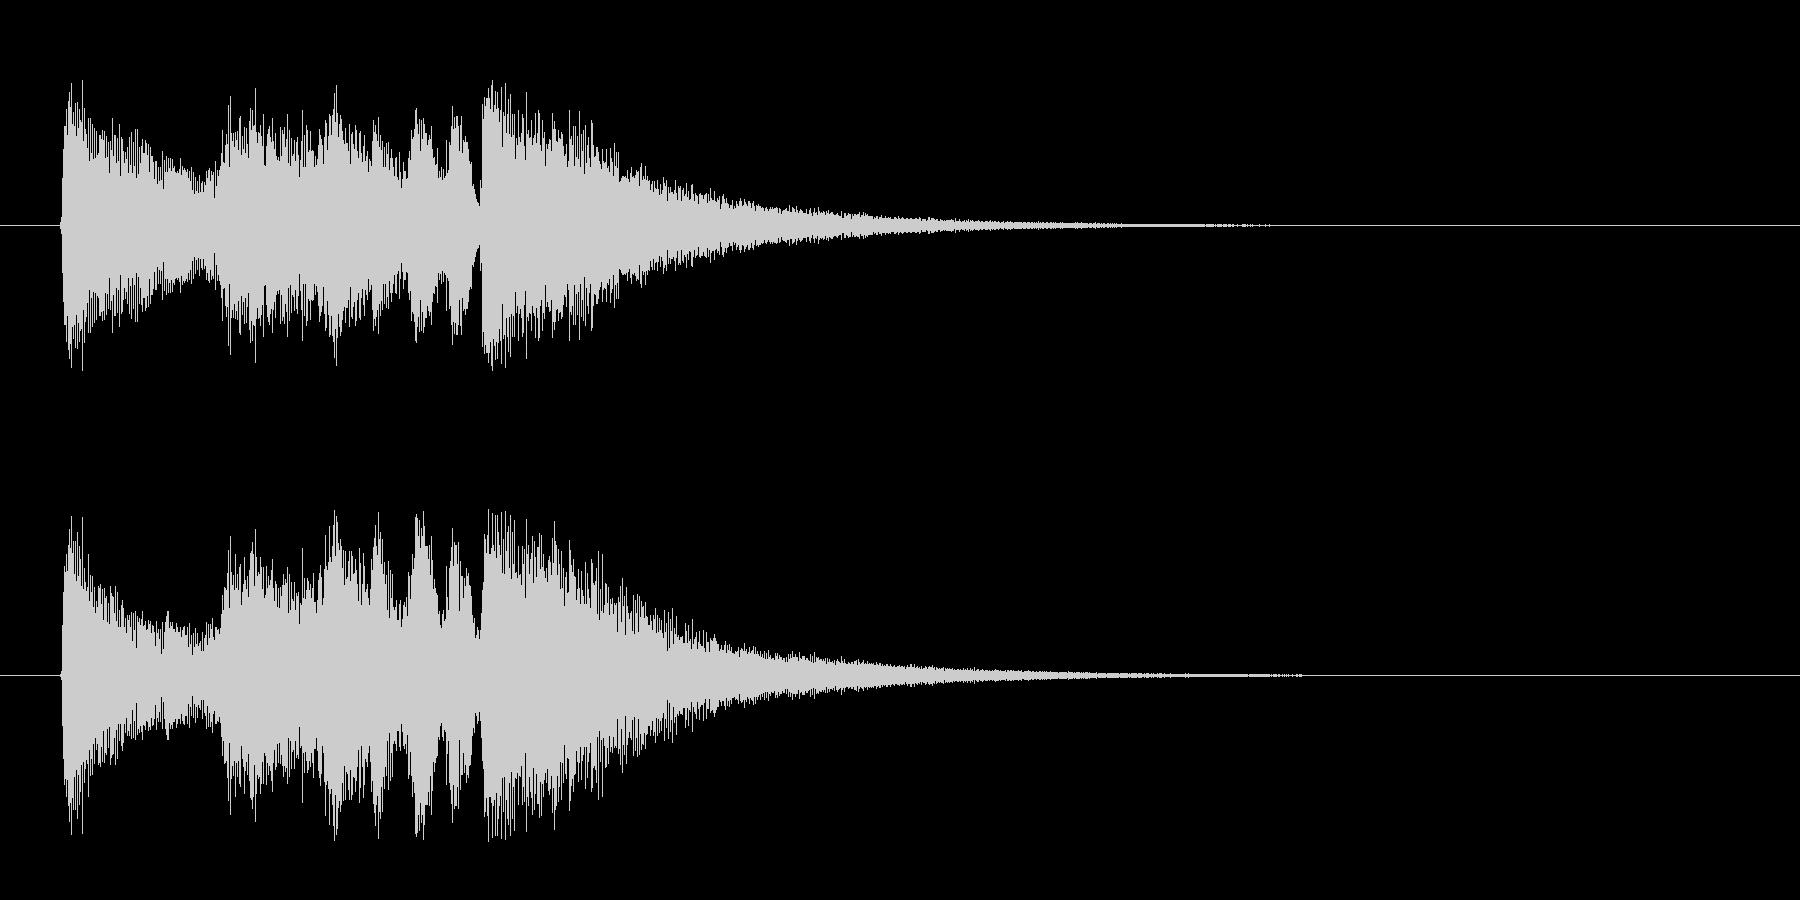 ジングル(ナイト・タイム・ジャズ風)の未再生の波形